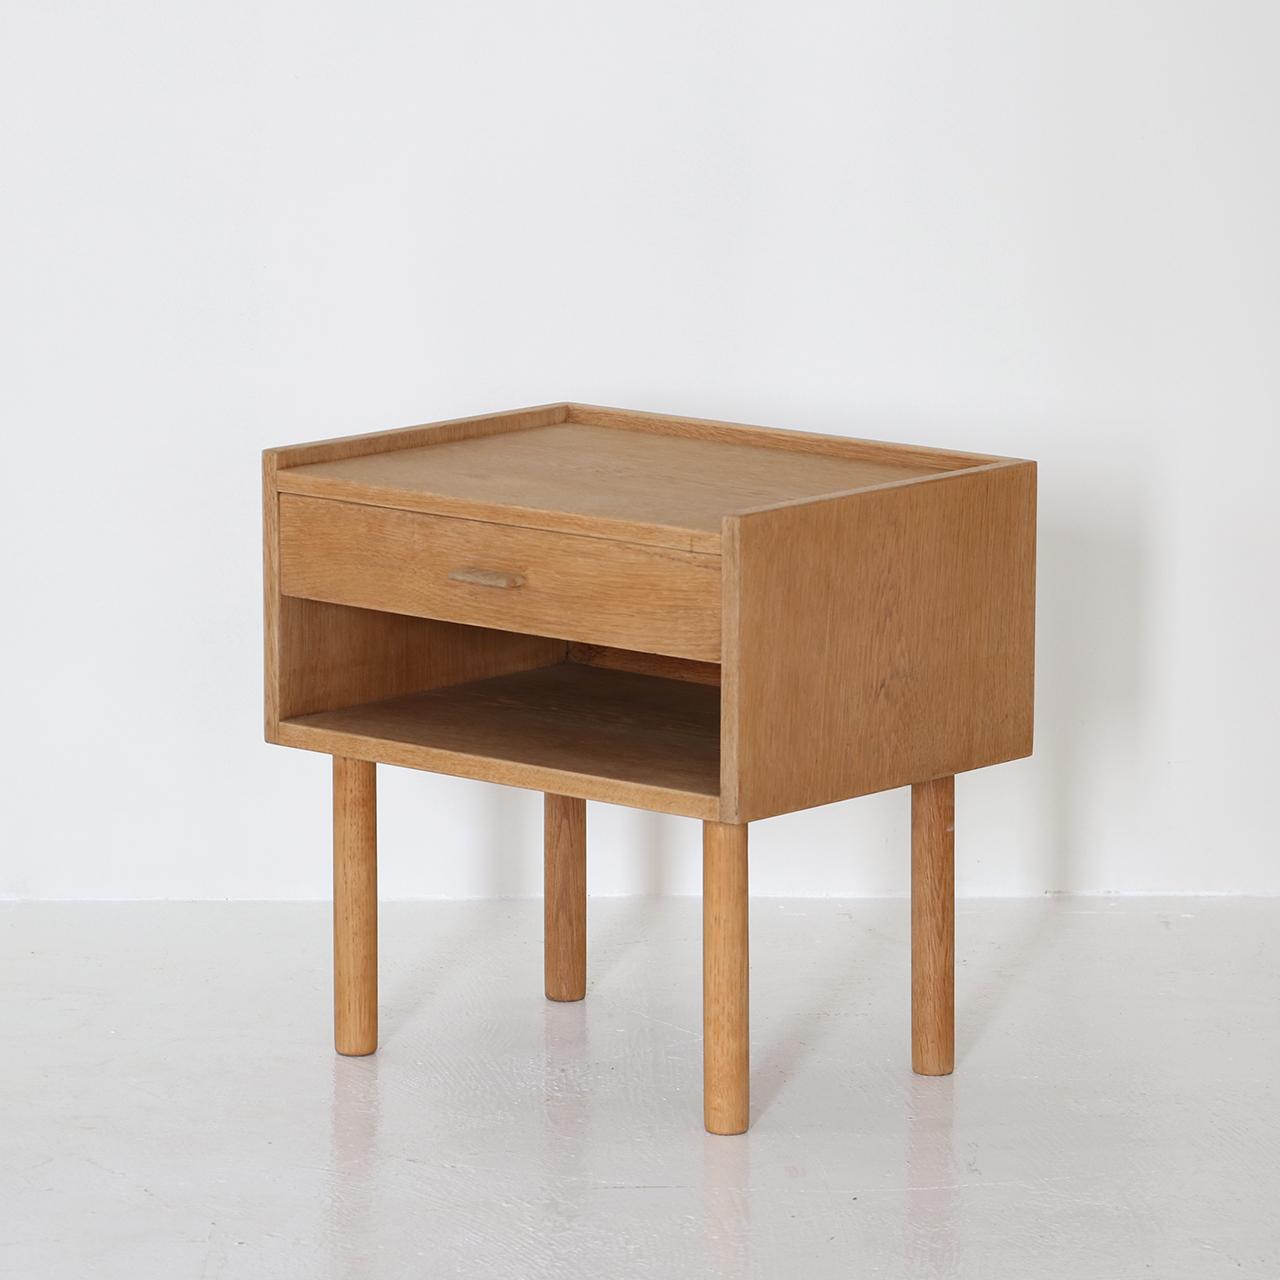 Bed side chest / Hans J Wegner / RY Mobler